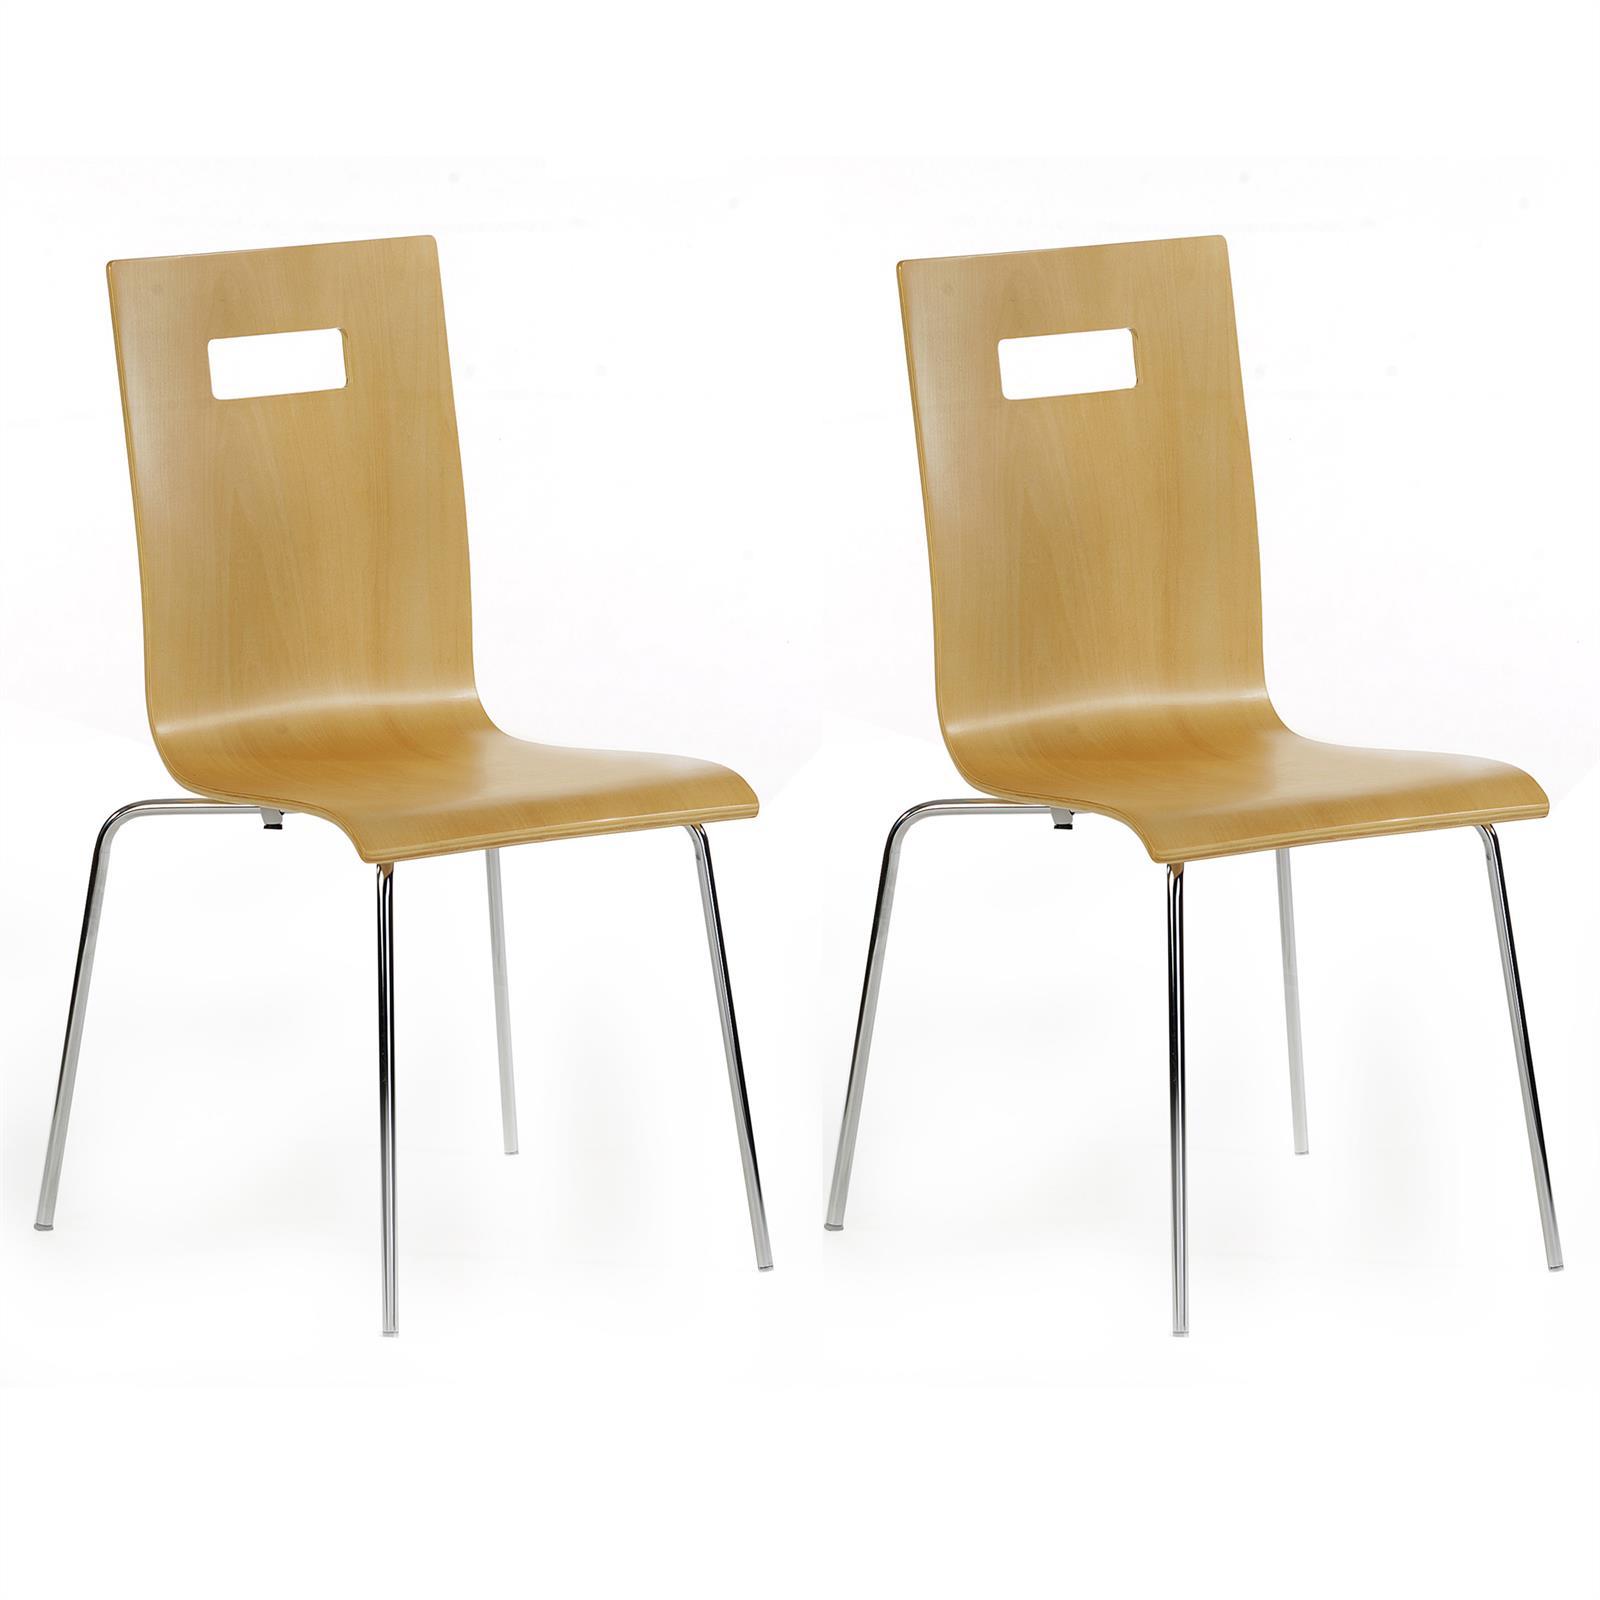 Lot-de-4-chaises-de-salle-a-manger-laque-3-coloris-disponibles